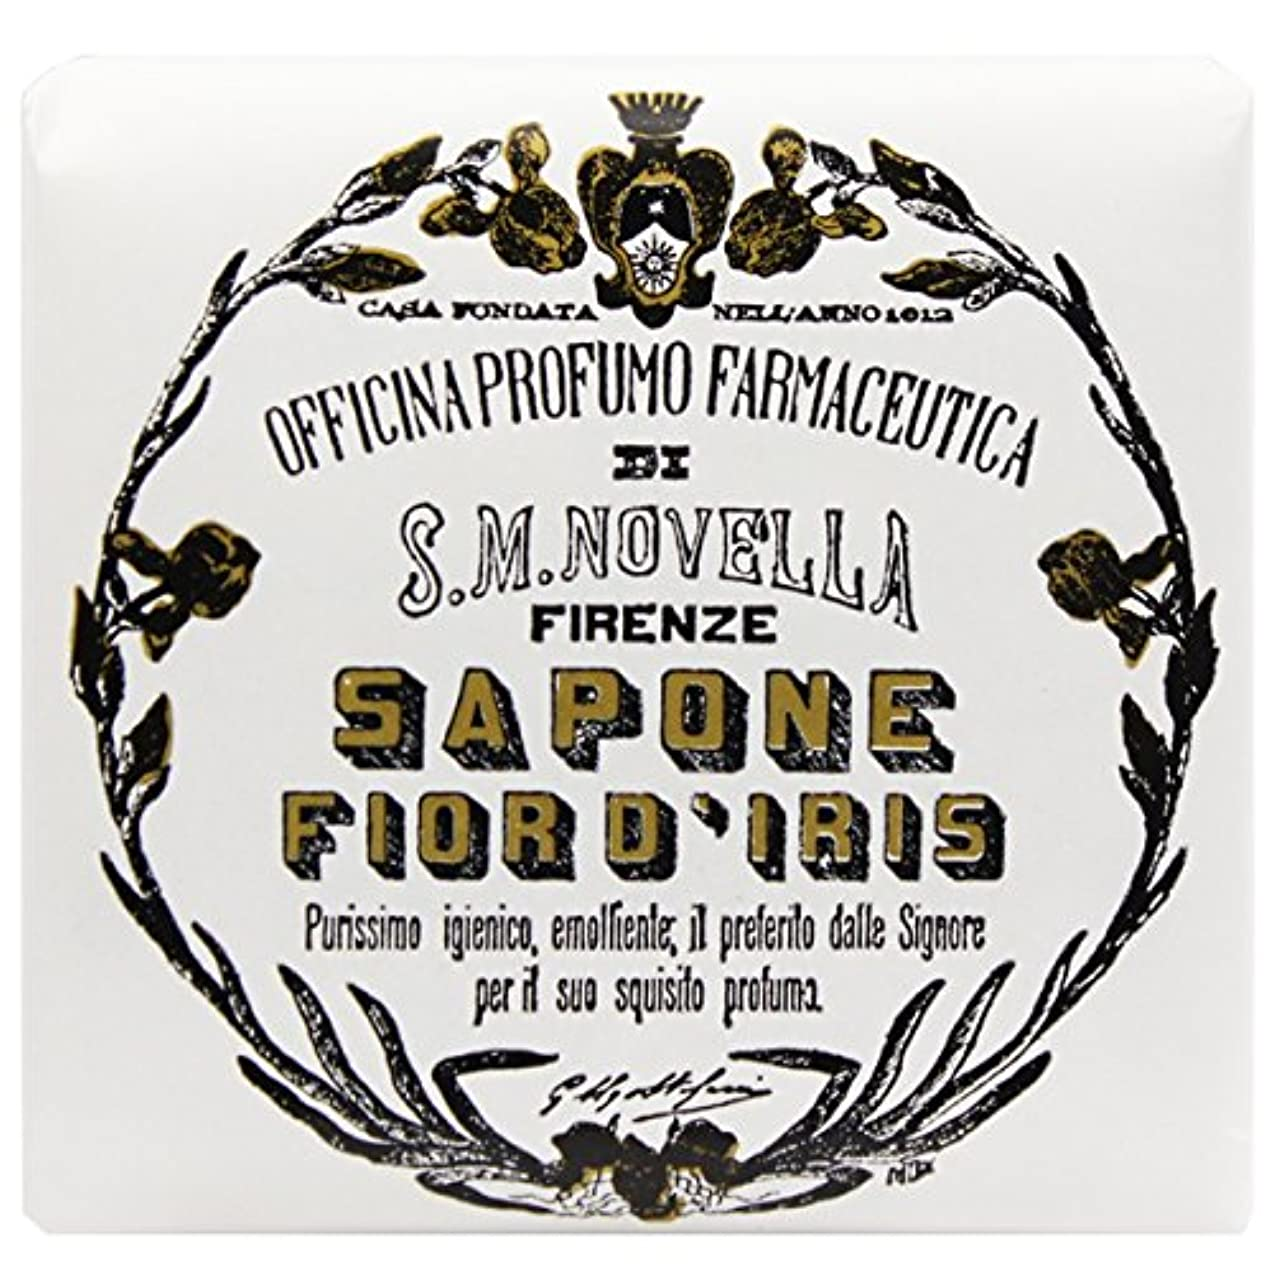 ブレイズ動員する理容室【サンタマリアノヴェッラ】 フィオールディリス ソープ 100g (5591) Fior d'Iris [並行輸入品]